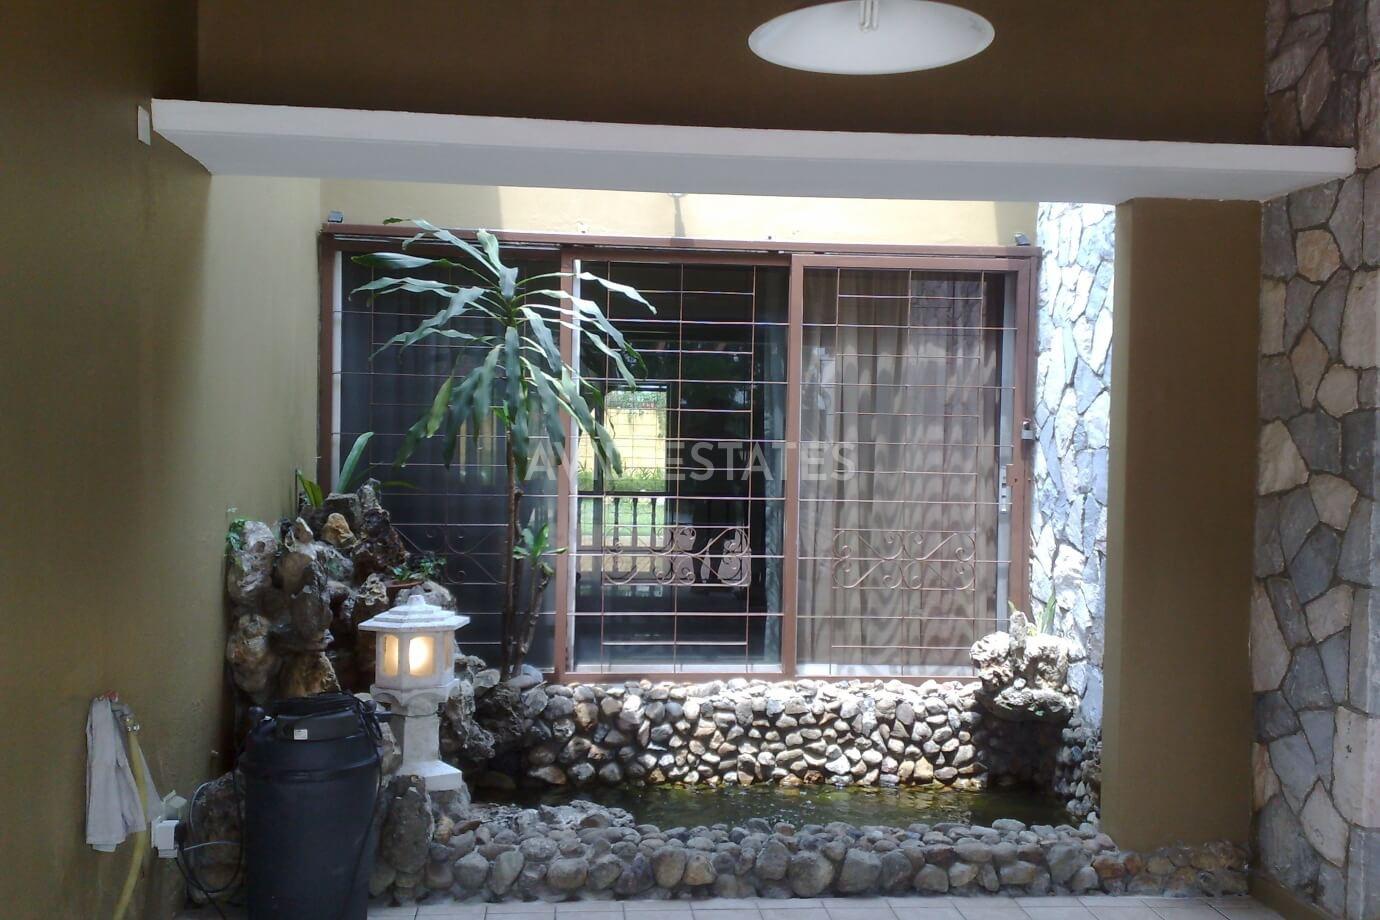 Damansara Heights,Kuala Lumpur, 5 Bedrooms Bedrooms, ,5 BathroomsBathrooms,Bungalow / Detached,To Let,Jalan Derumun,1042